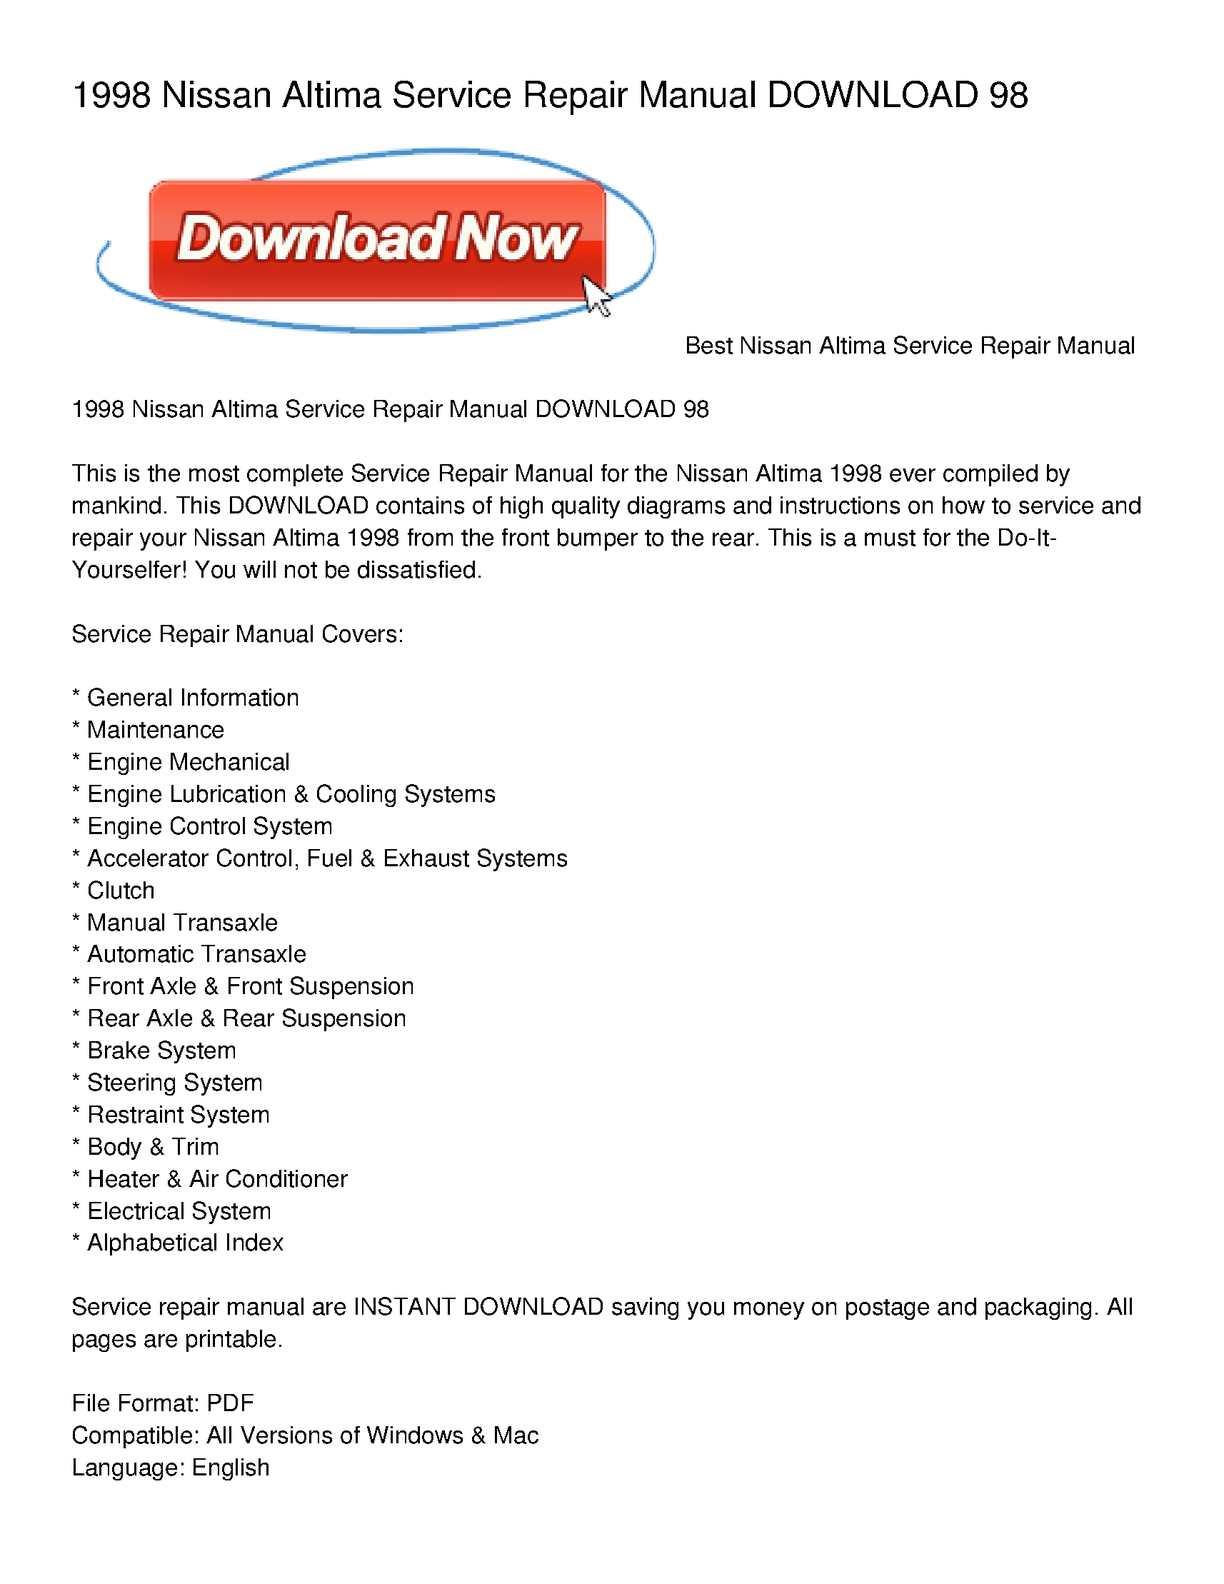 Calaméo - 1998 Nissan Altima Service Repair Manual DOWNLOAD 98